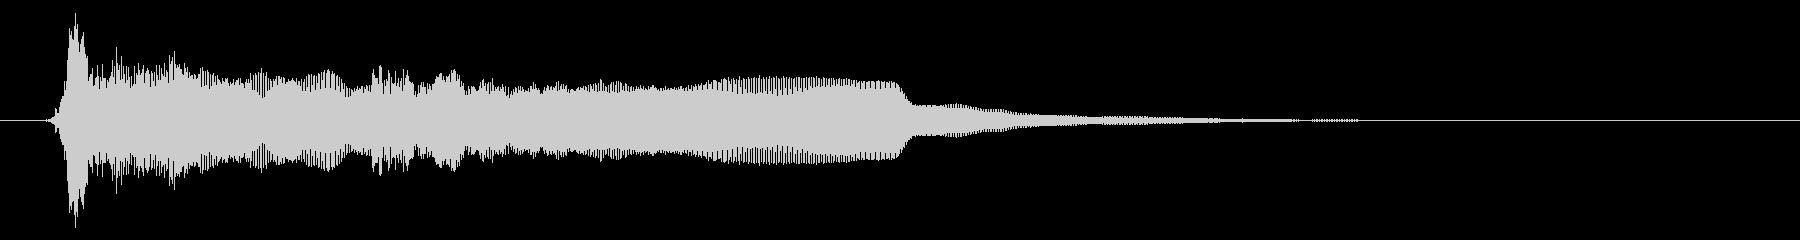 法螺貝01-2の未再生の波形